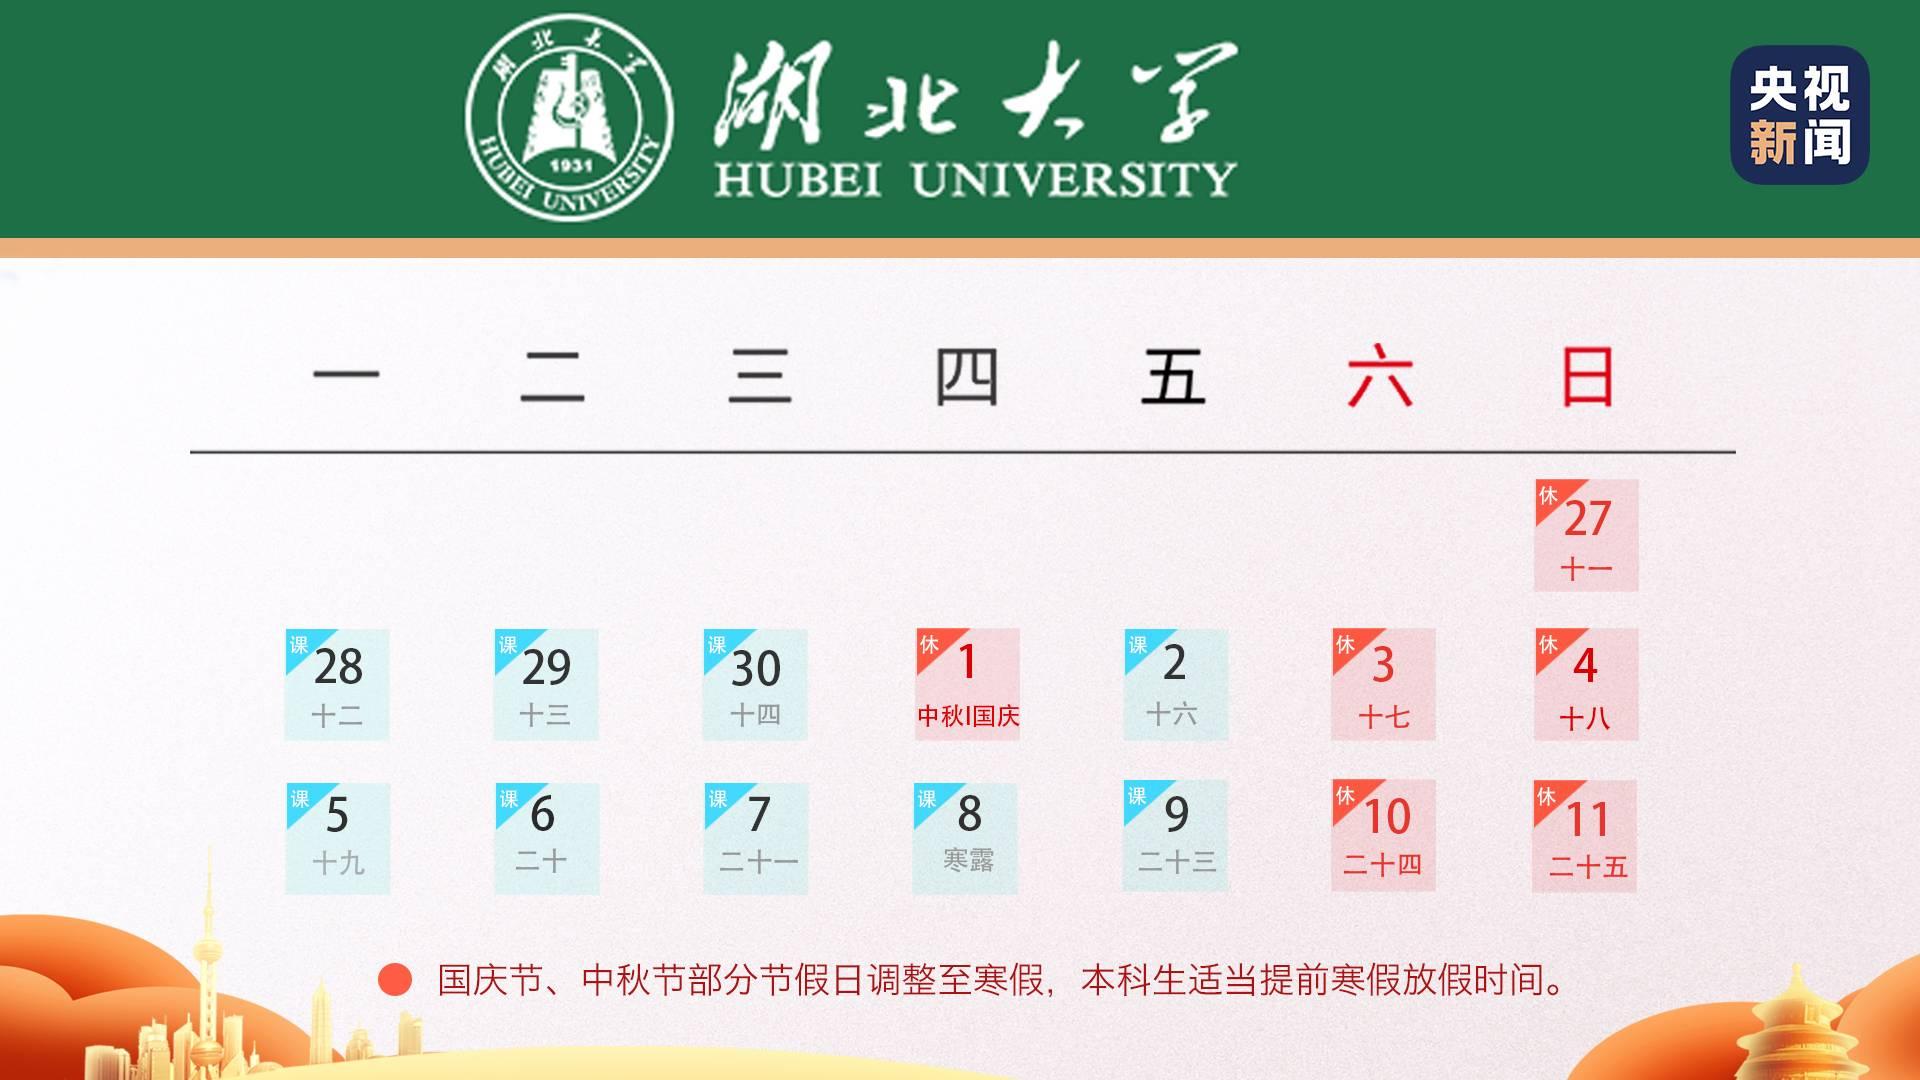 調整來瞭! 全國多所高校縮短中秋國慶假期-圖7